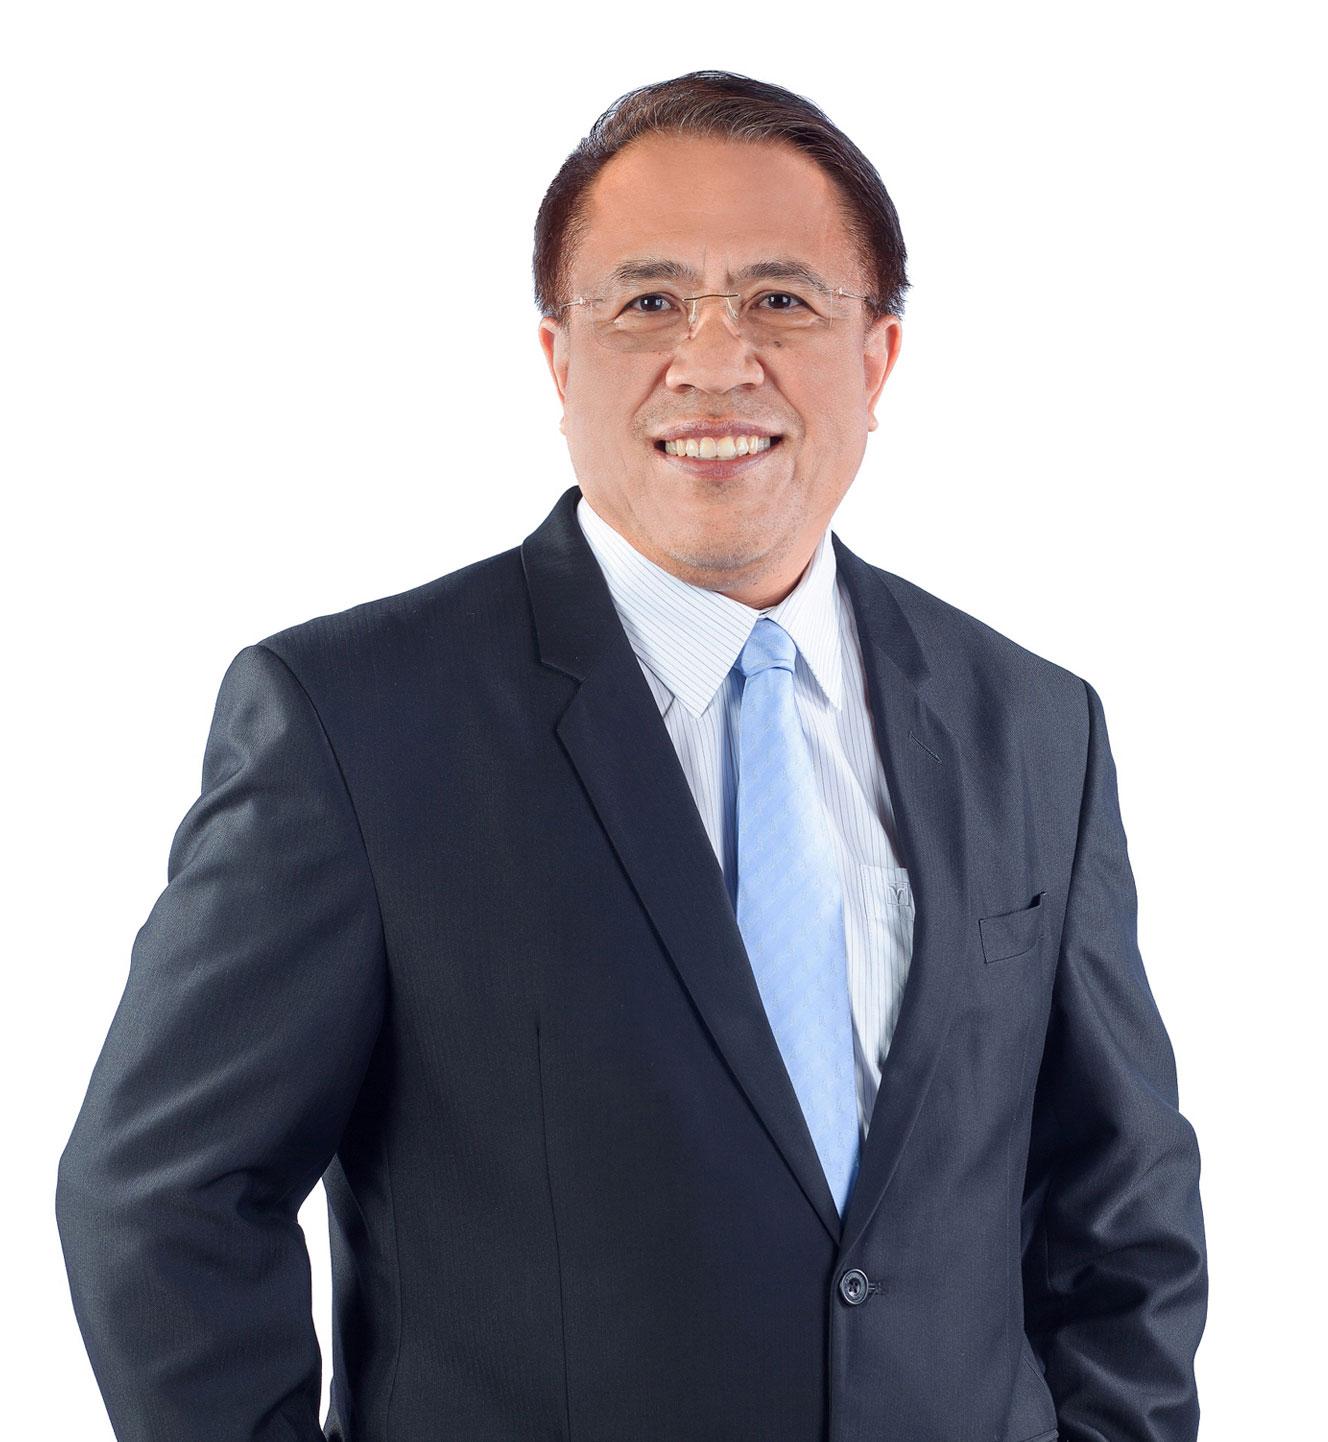 ธนาคารไทยพาณิชย์ -ปตท.สผ. ประสบความสำเร็จในการพัฒนาระบบการโอนเงินระหว่างประเทศด้วยบล็อกเชน